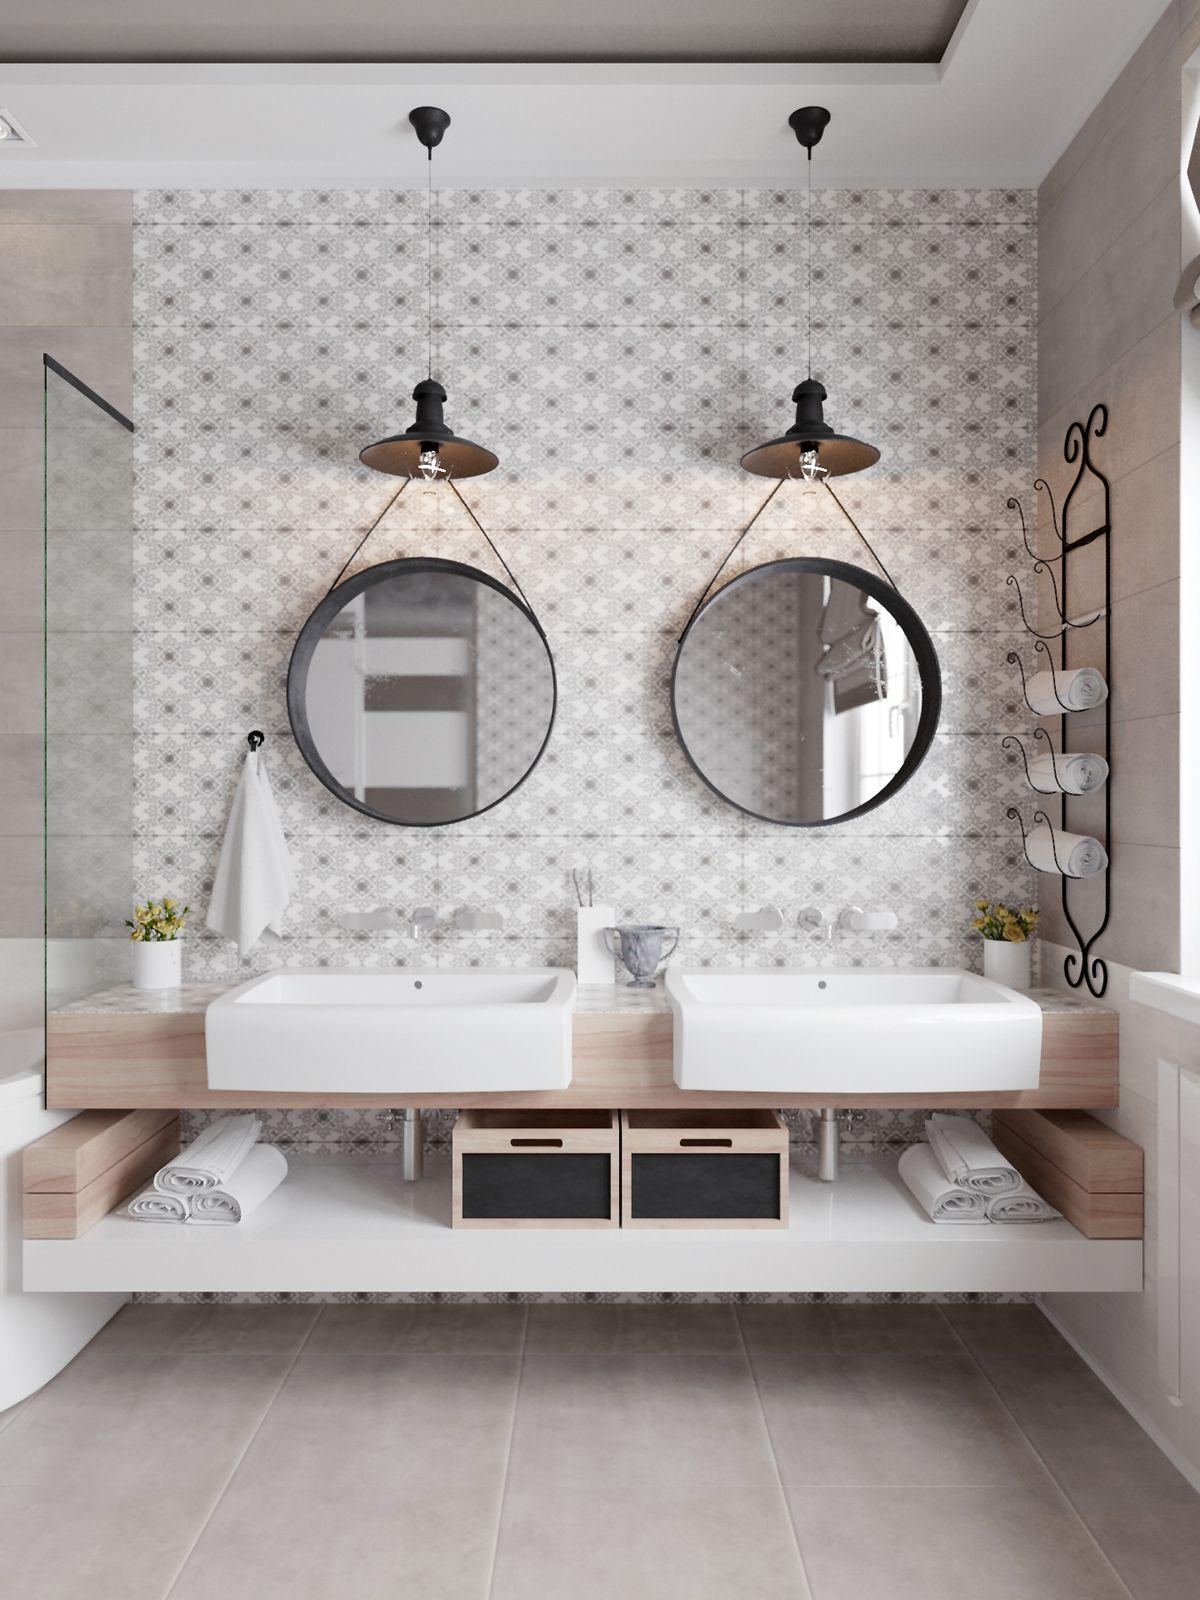 Bathroom Apron Sink Jadore Projet Pour Lactac Prochain Je Vais Le Mettre Sur Pete